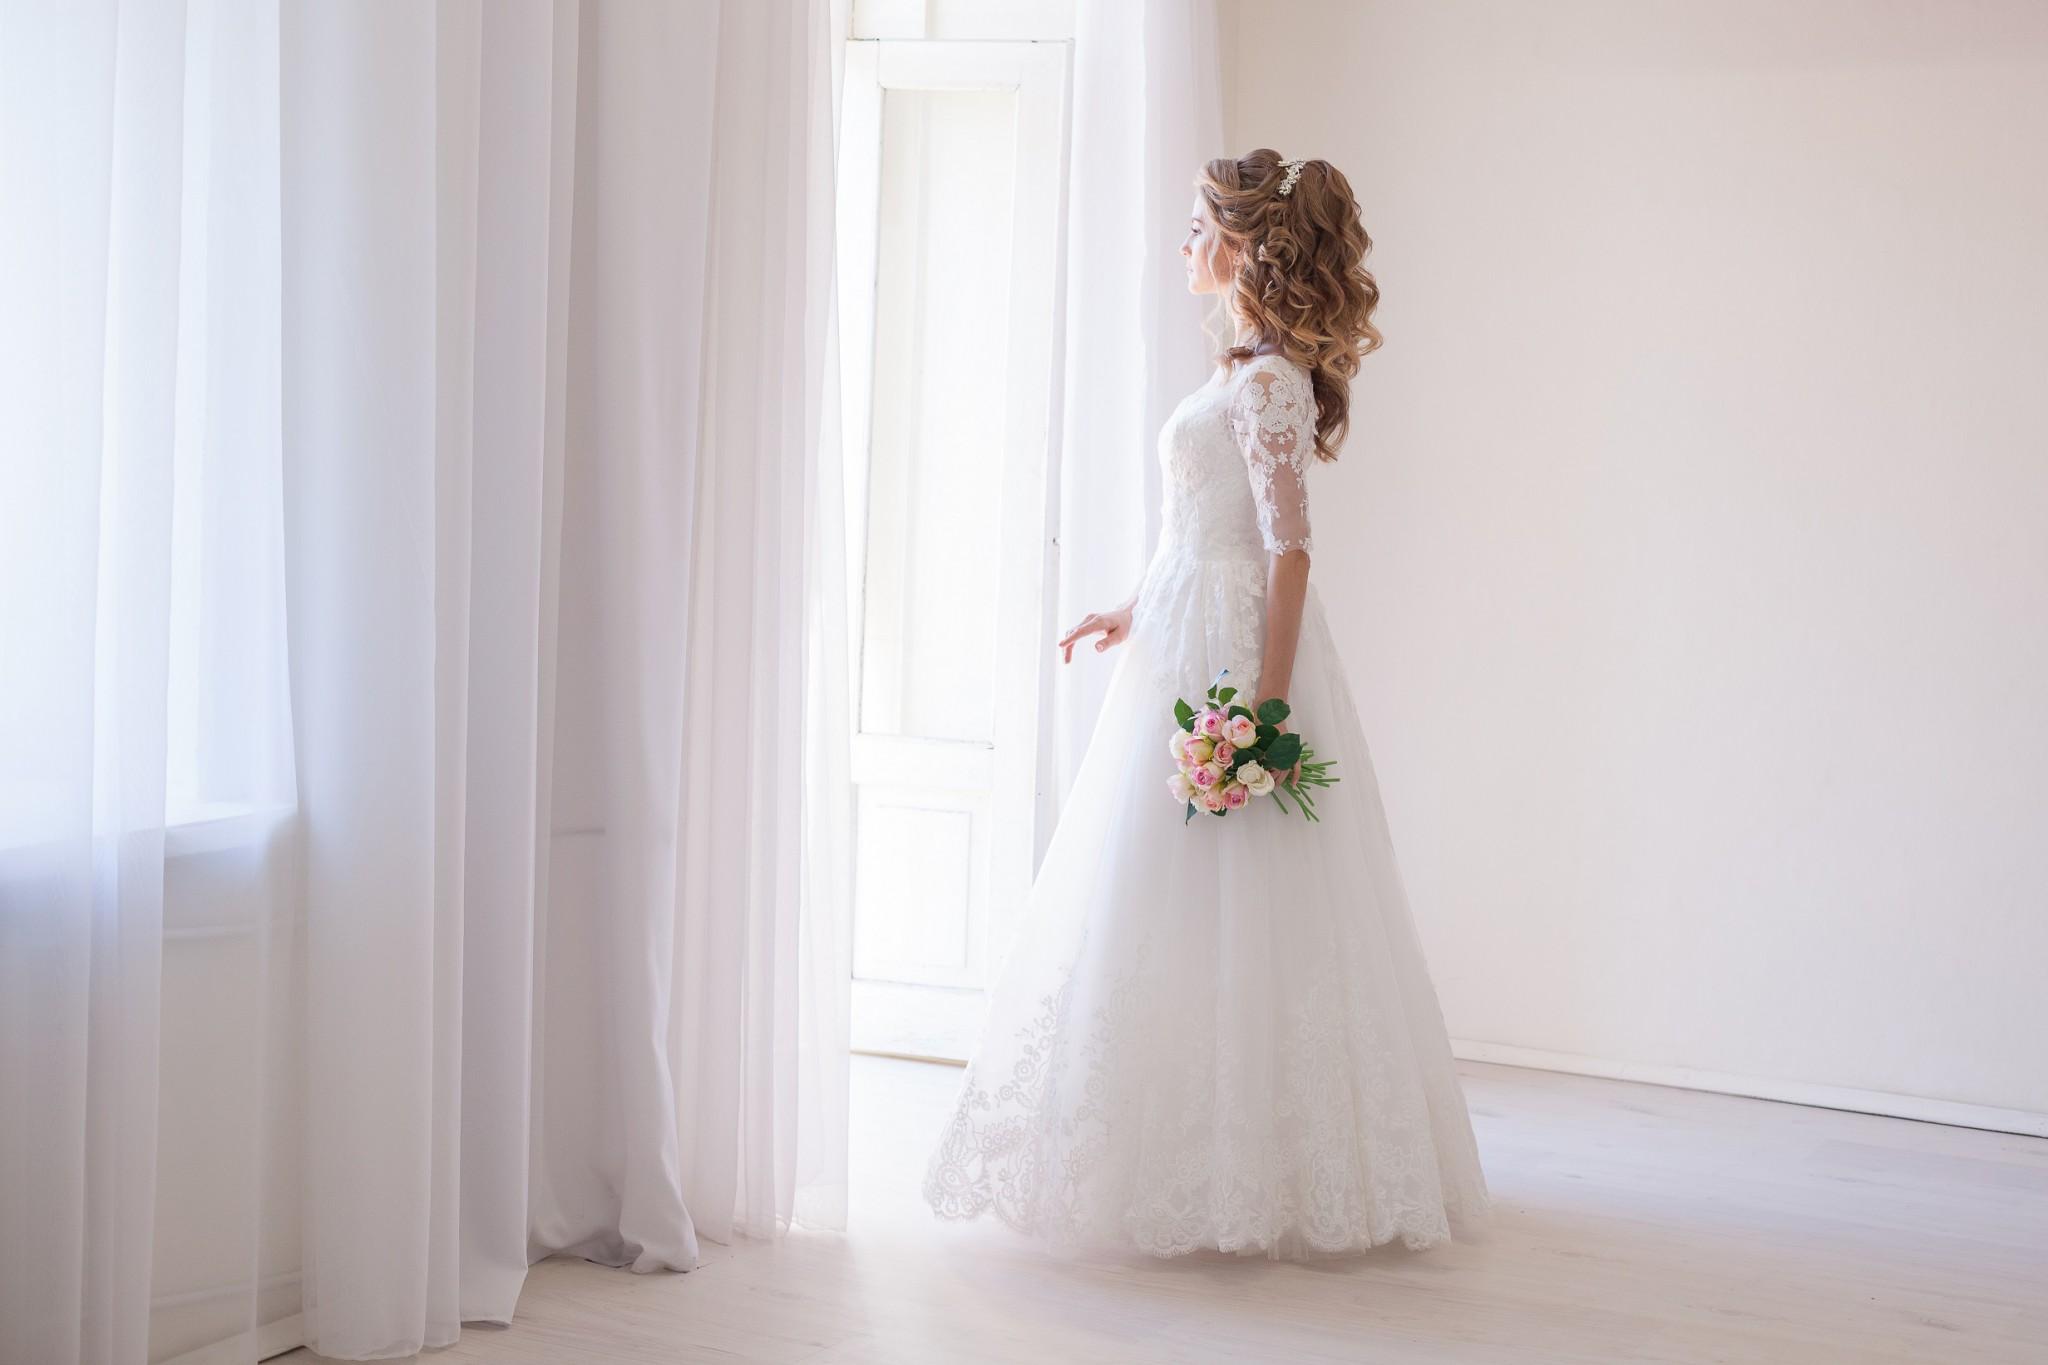 6b3e6caf91c6b 結婚式当日は、「ウェディングドレスを着る前に必ずトイレに行く」、というのが一番のポイントです。結婚式当日は、飲み物をゲストからたくさん勧められます。